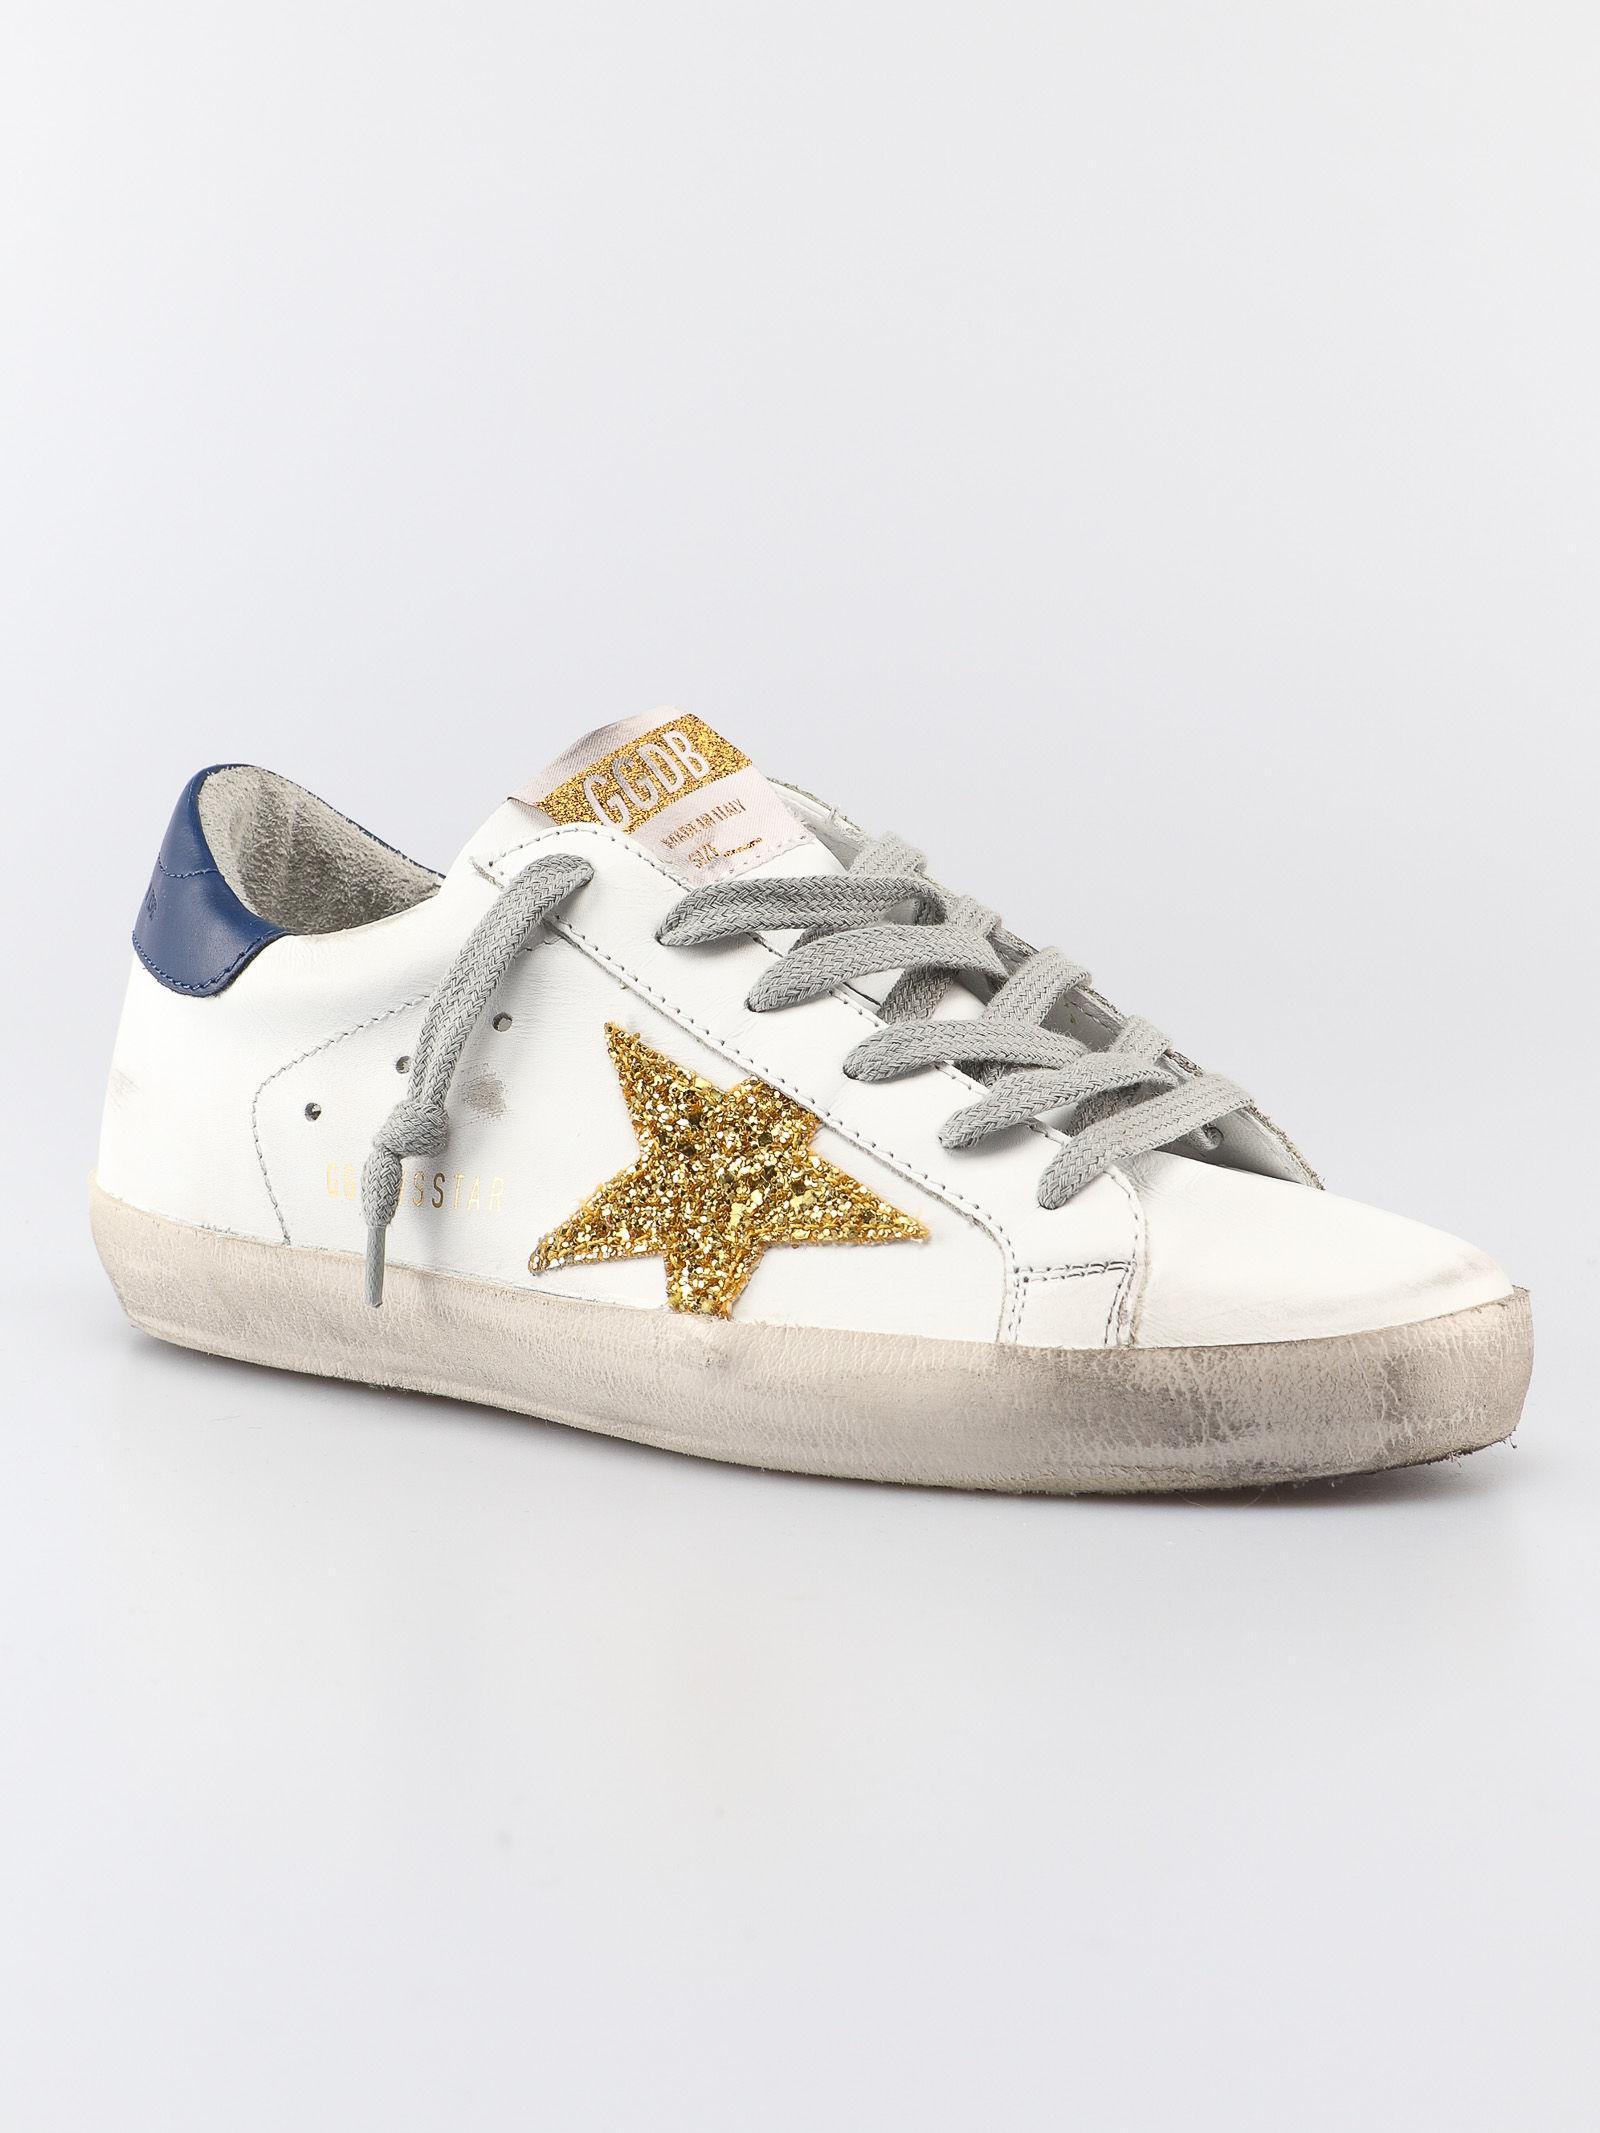 b249f3046cc Golden Goose Deluxe Brand Sneakers Superstar - Lyst